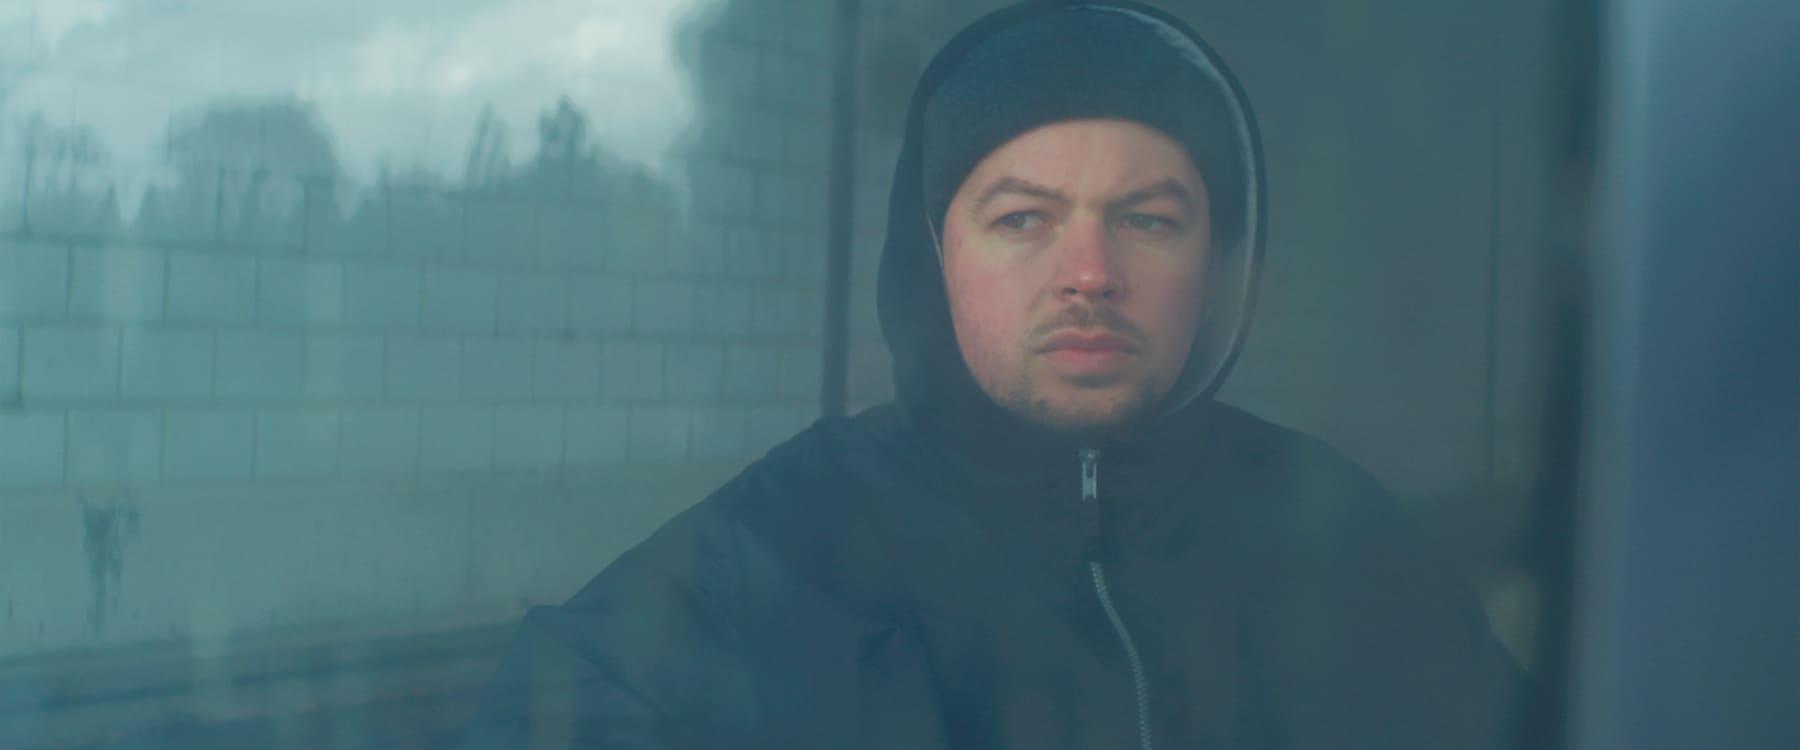 ERRDEKA hinter einer Glasscheibe Mering SV Musikvideo zum Lied Allein pt. II